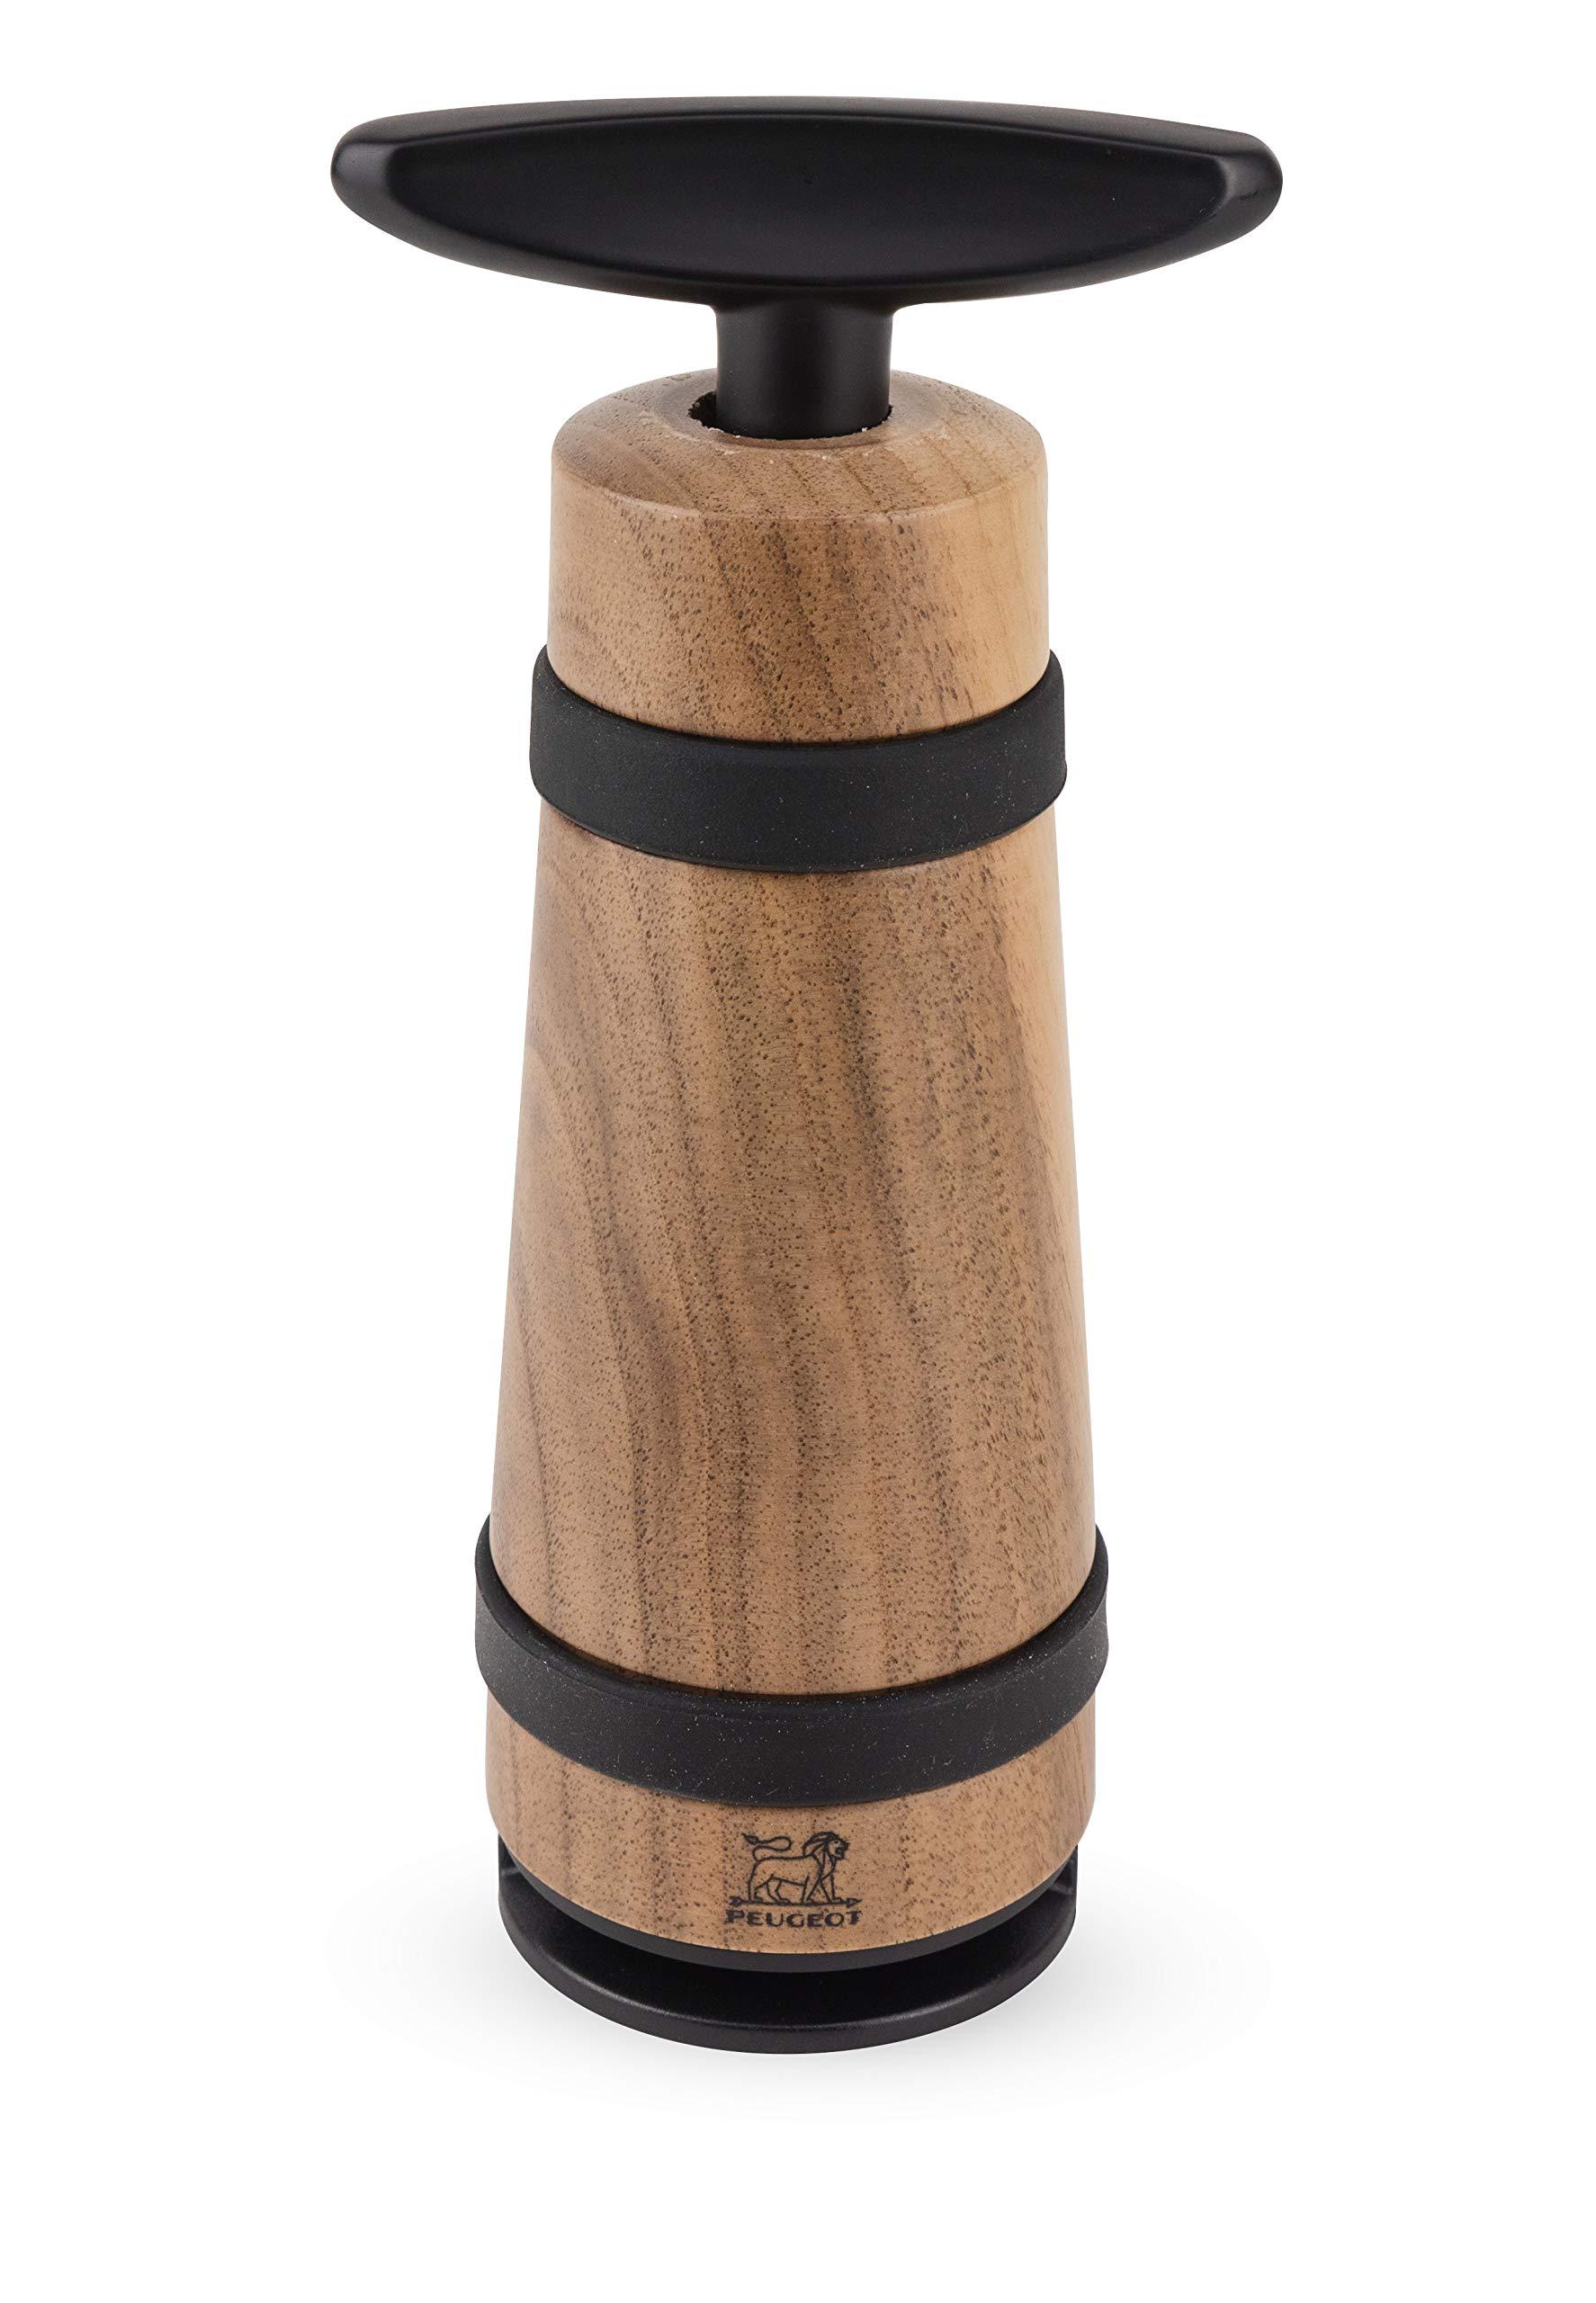 Peugeot 200565 Barrel Infinity, Walnut Wood Corkscrew Wine Opener, Beechwood by Peugeot